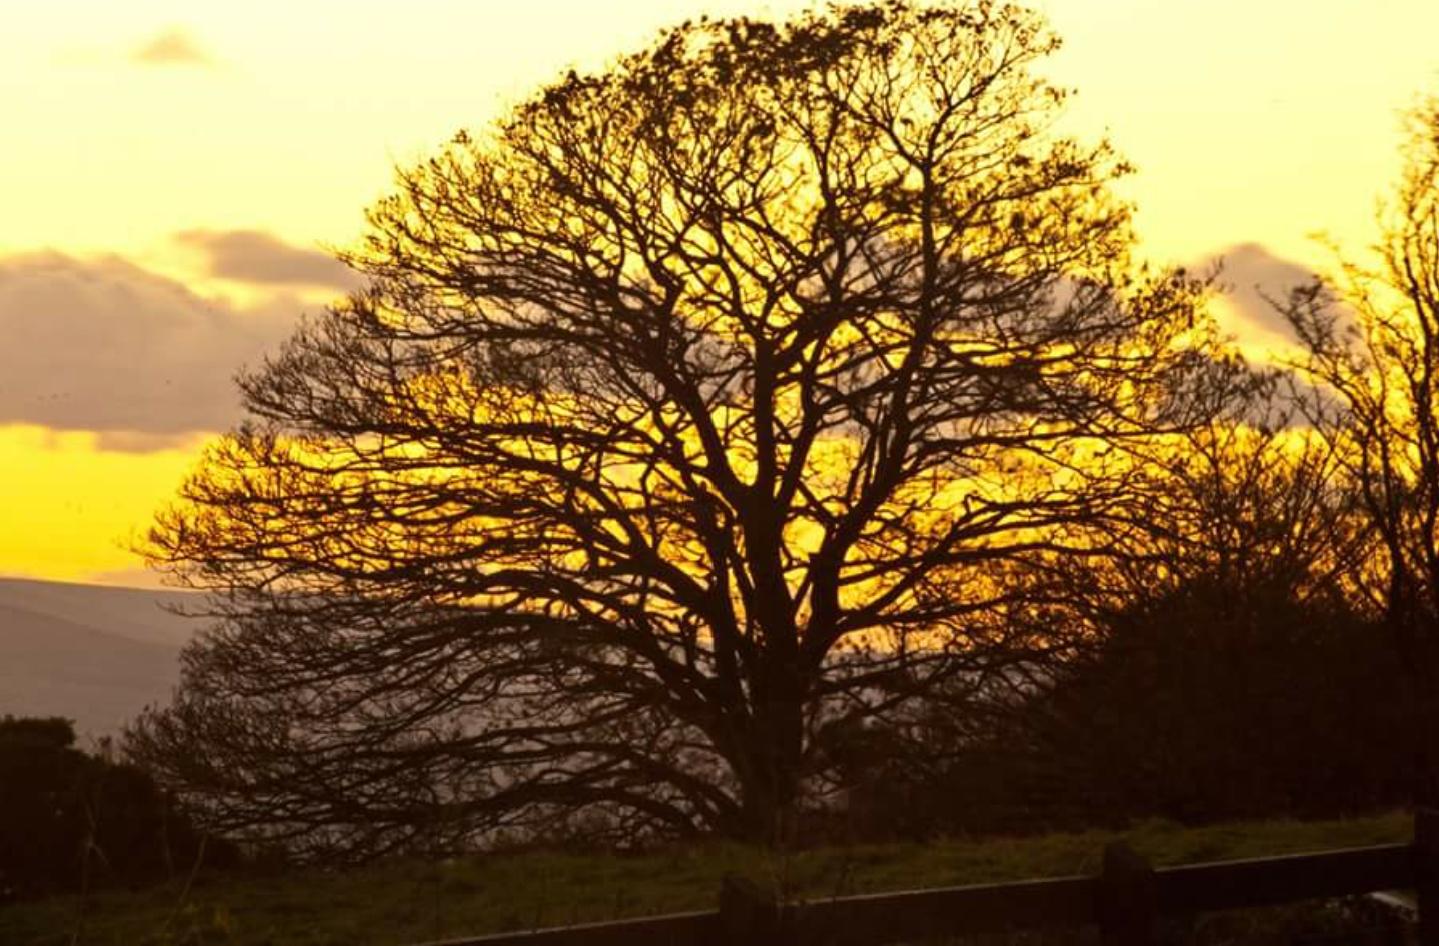 Sunset in Somerset  by Steve Billett